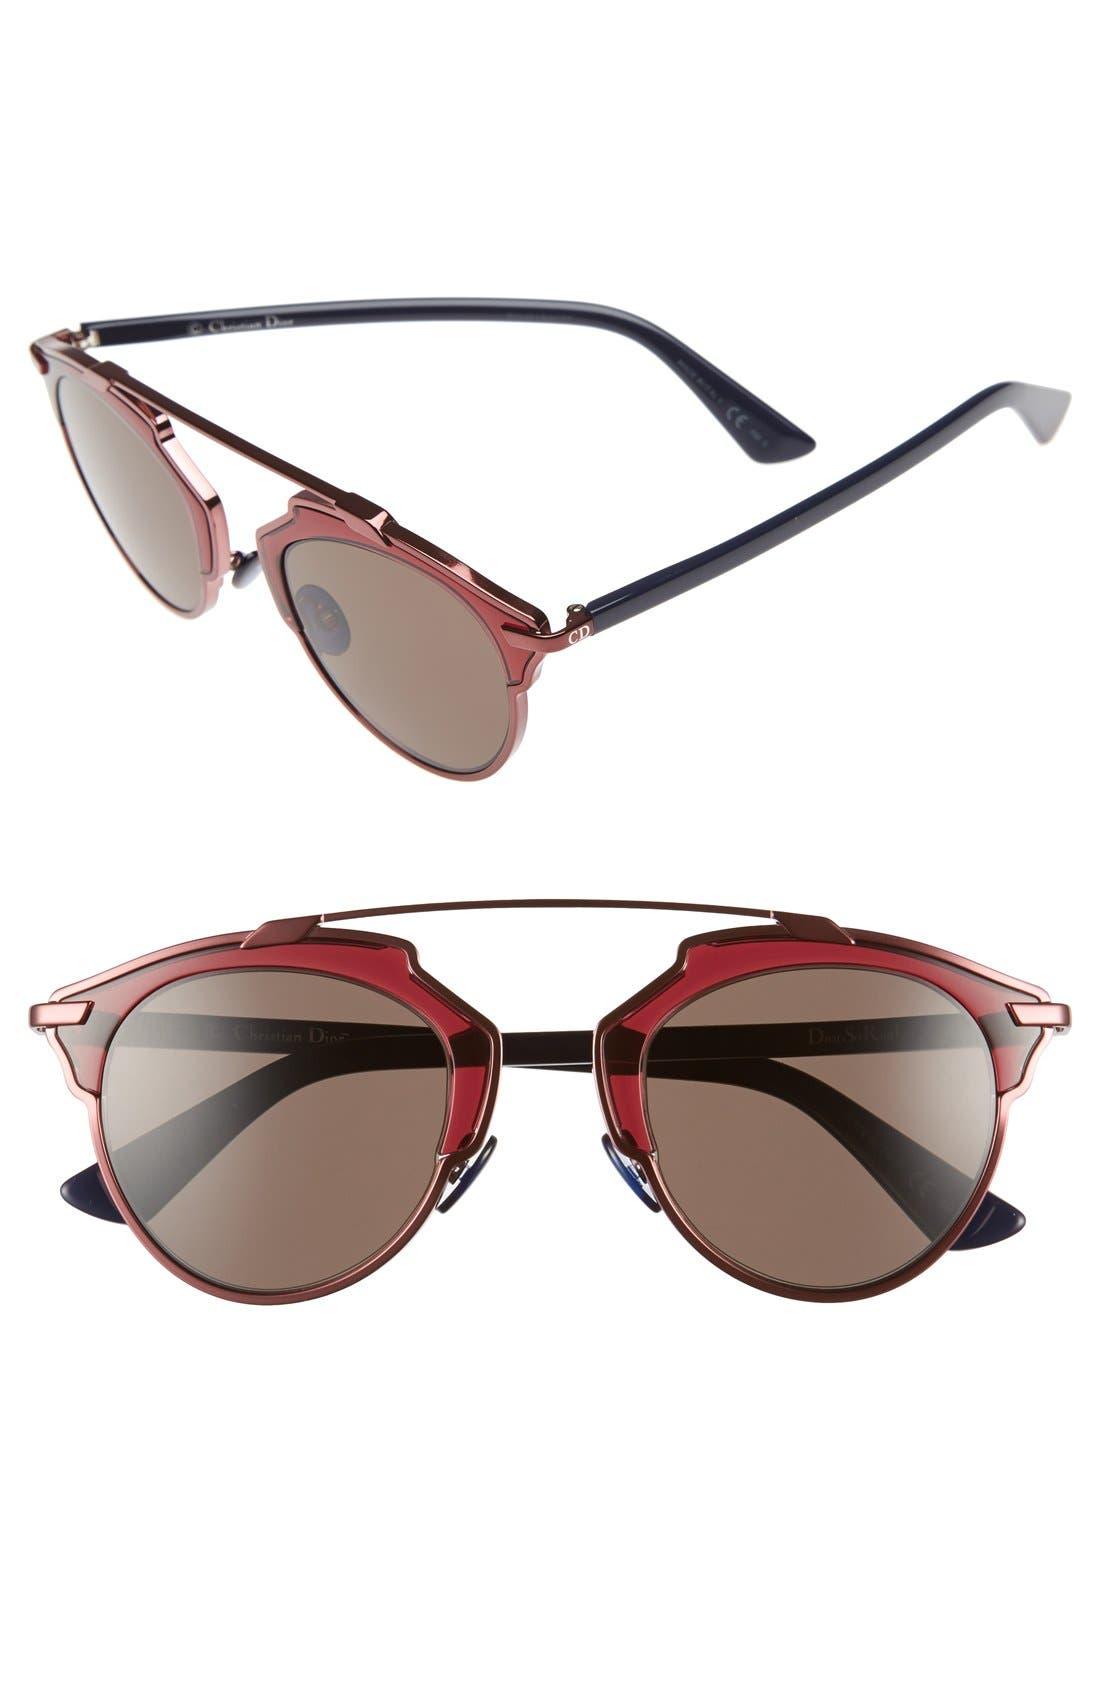 So Real 48mm Brow Bar Sunglasses,                             Main thumbnail 19, color,